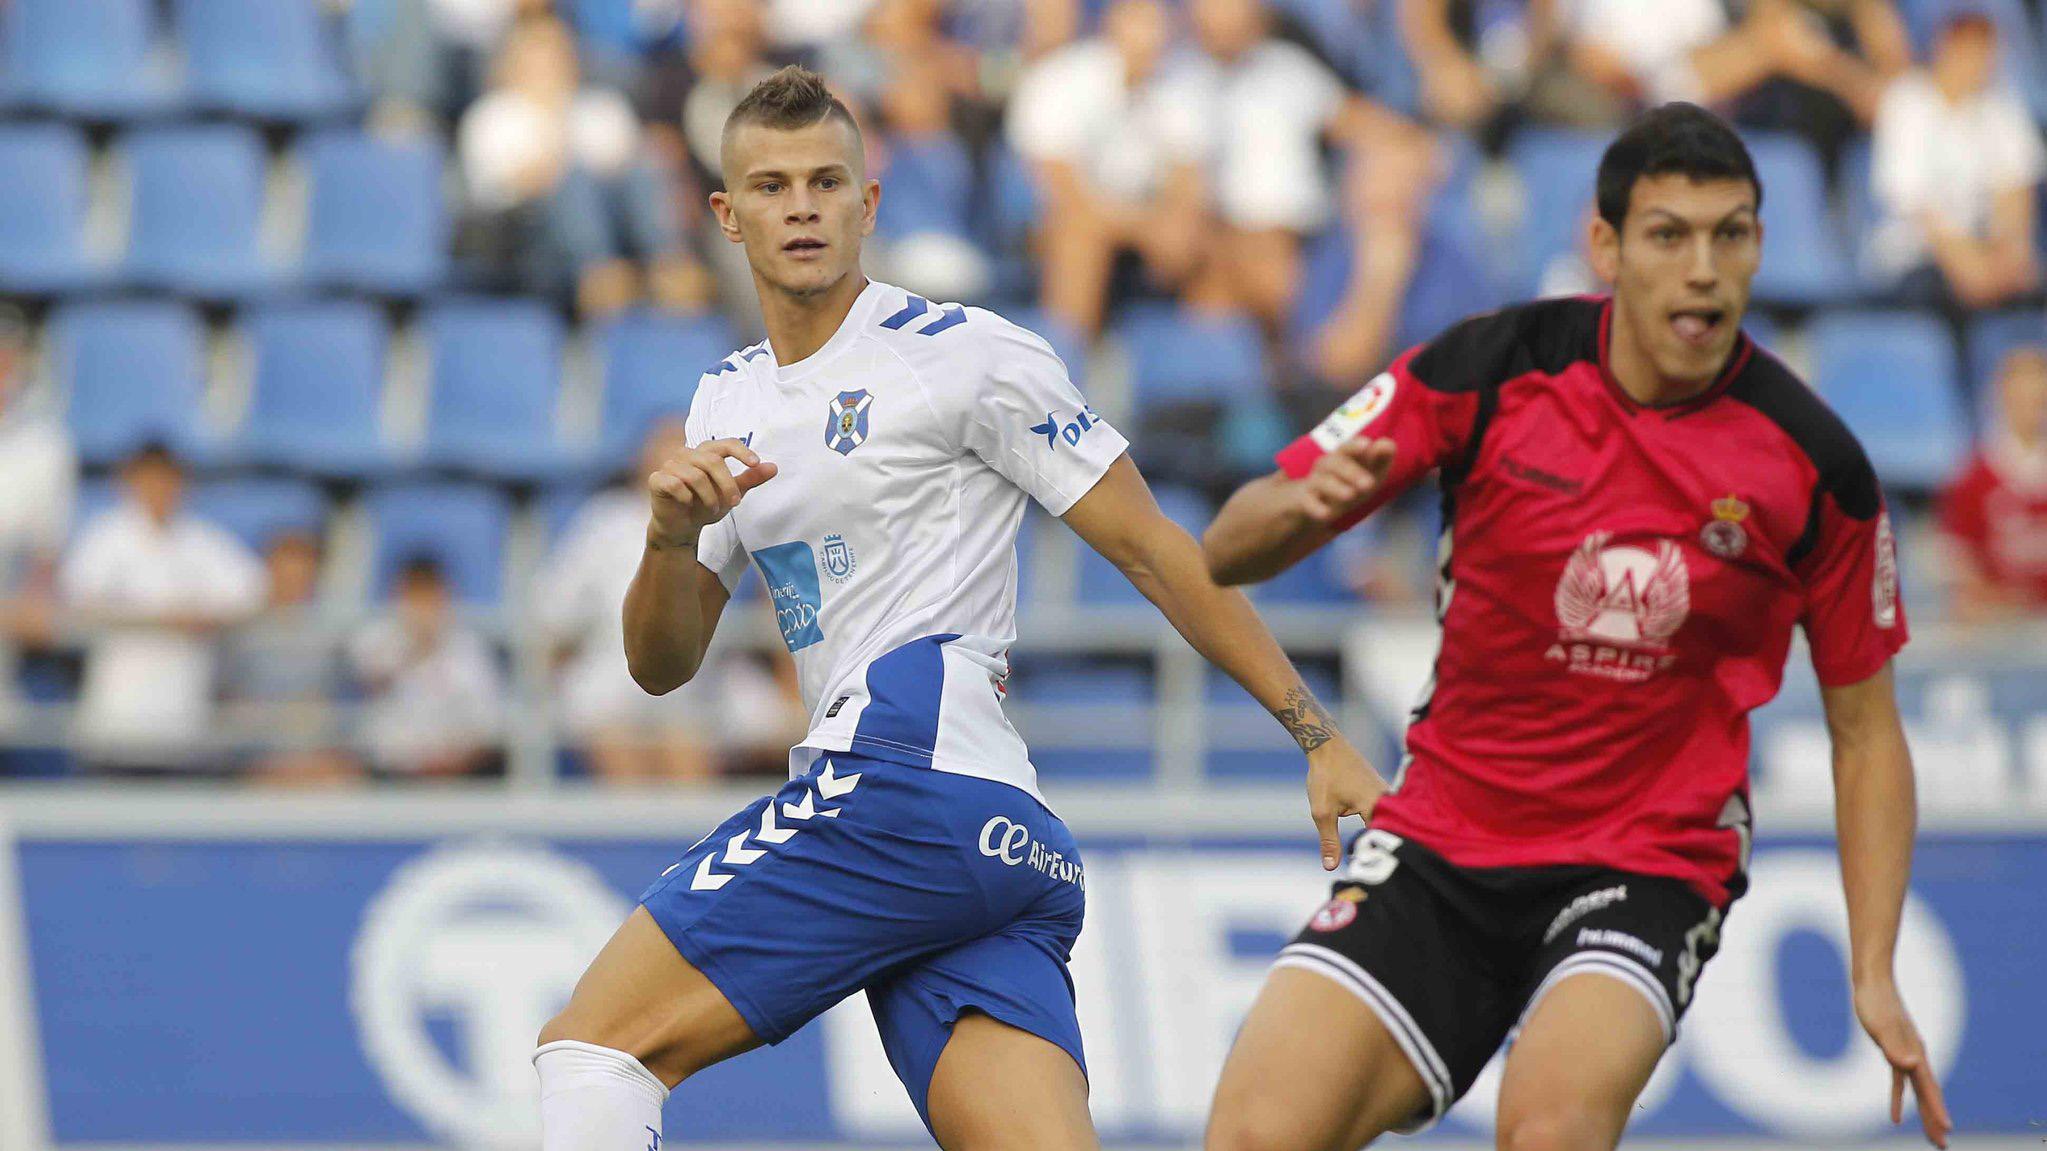 Samuel Longo durante un lance del partido del Tenerife contra la Cultural | Foto: LaLiga123